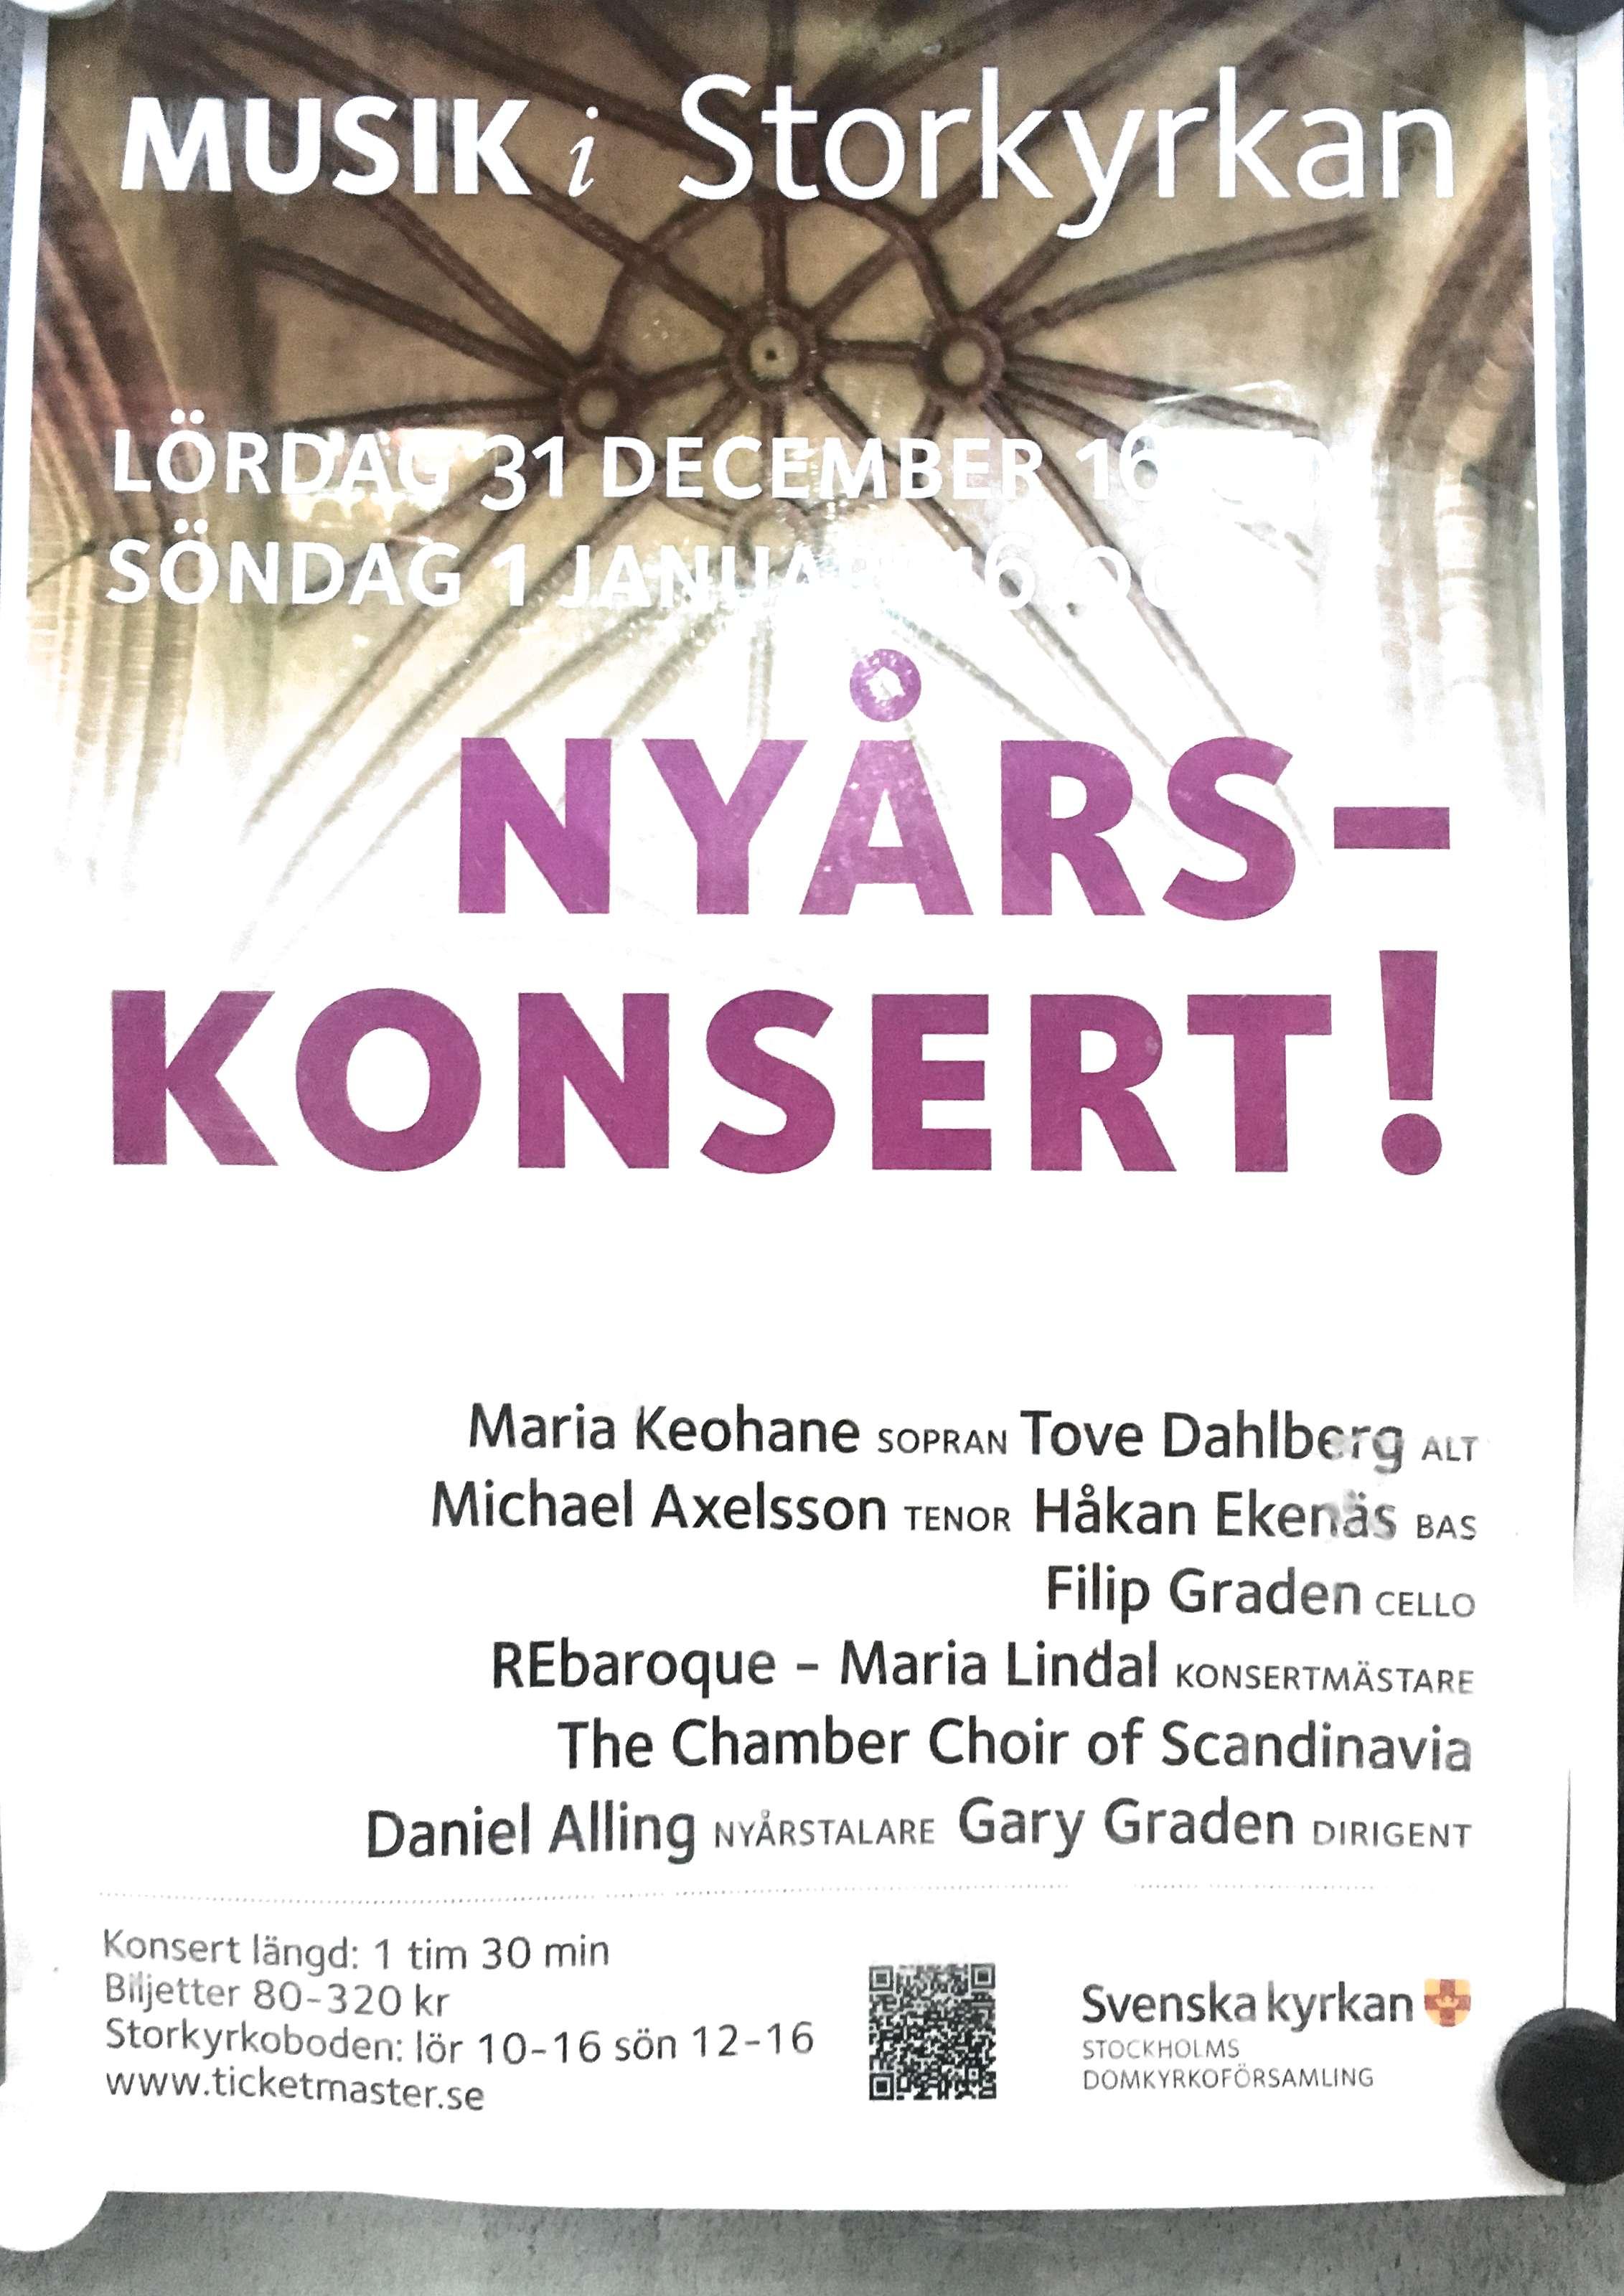 Nyårskonsert i Storkyrkan i Stockholm